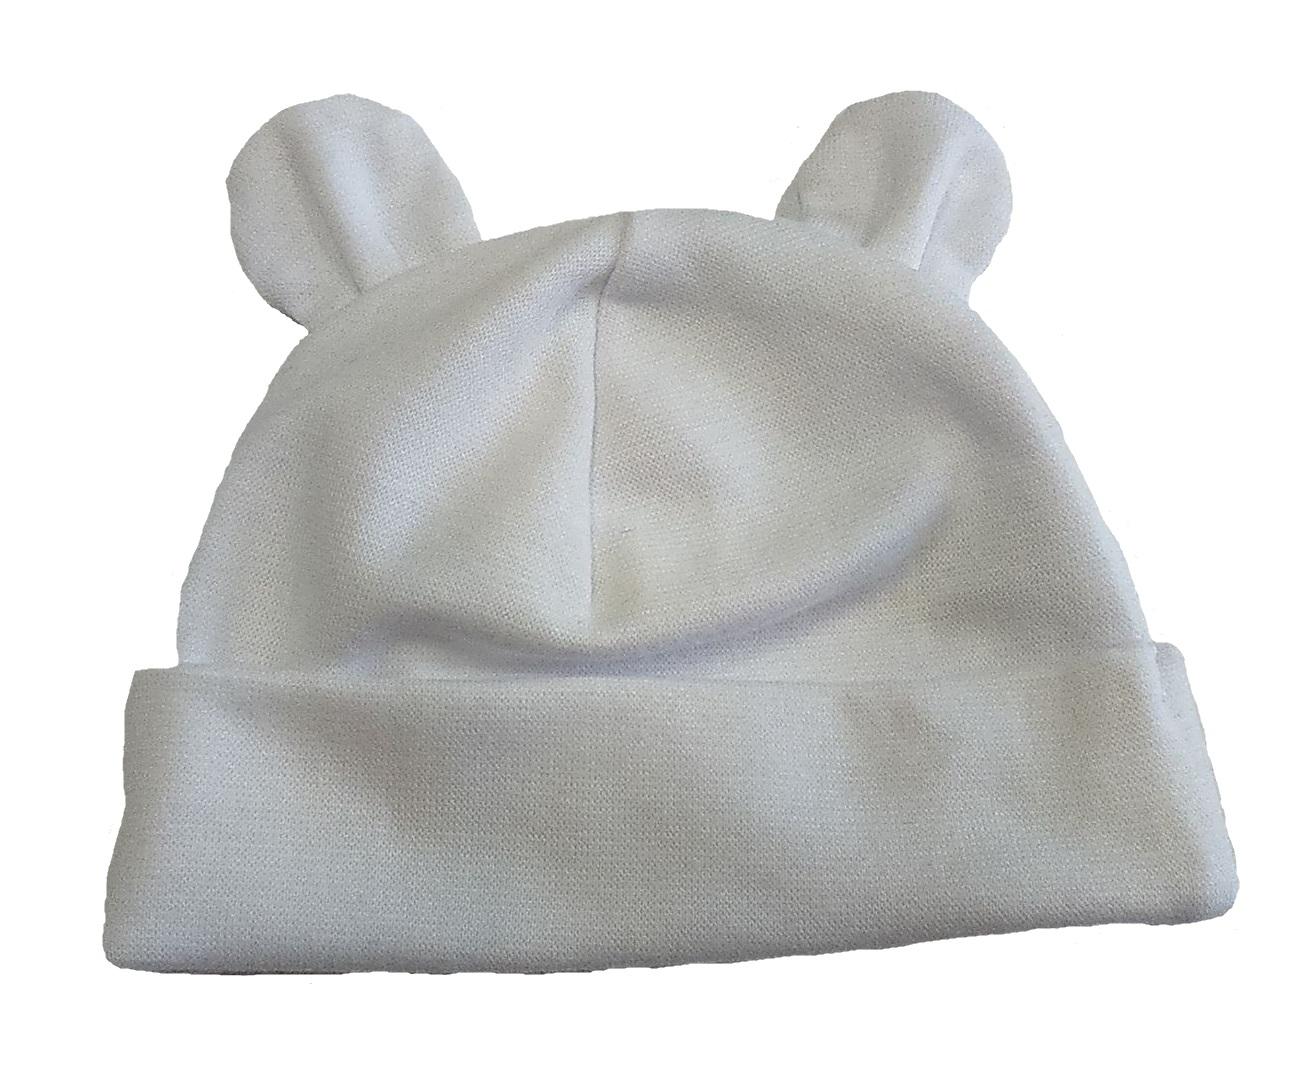 dfd570828eb Kojenecká čepička Yetty vel. 2 (39 - 41 cm) - bílá s oušky empty